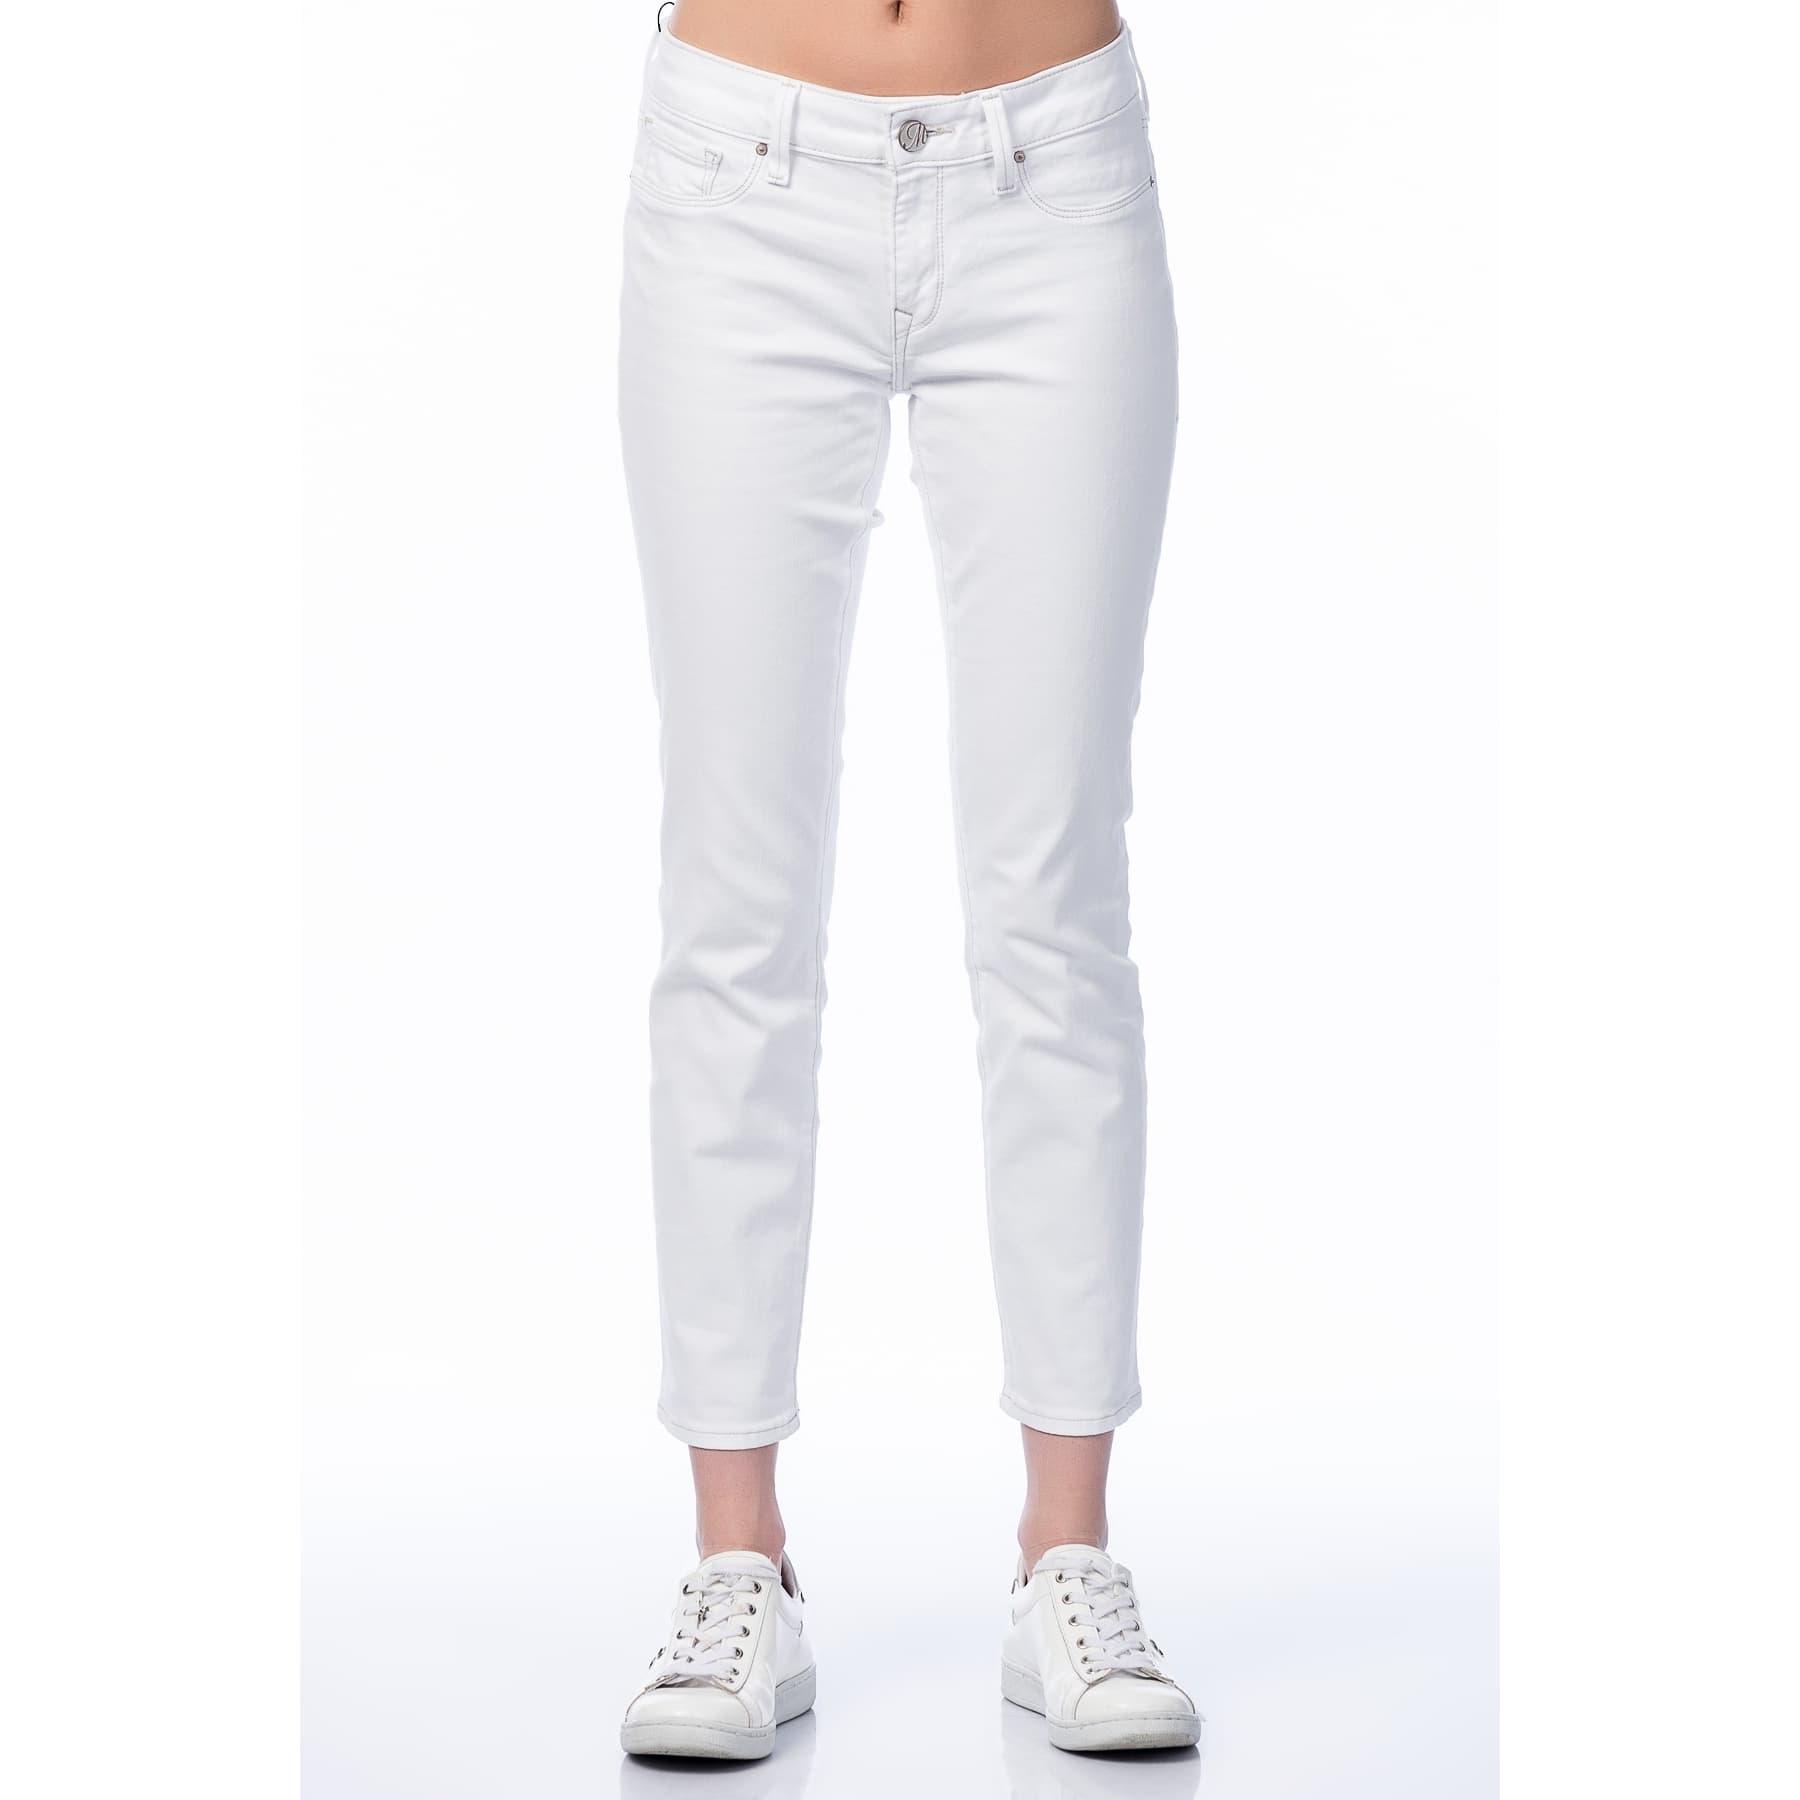 Adriana Ankle Beyaz Skinny Jean Pantolon